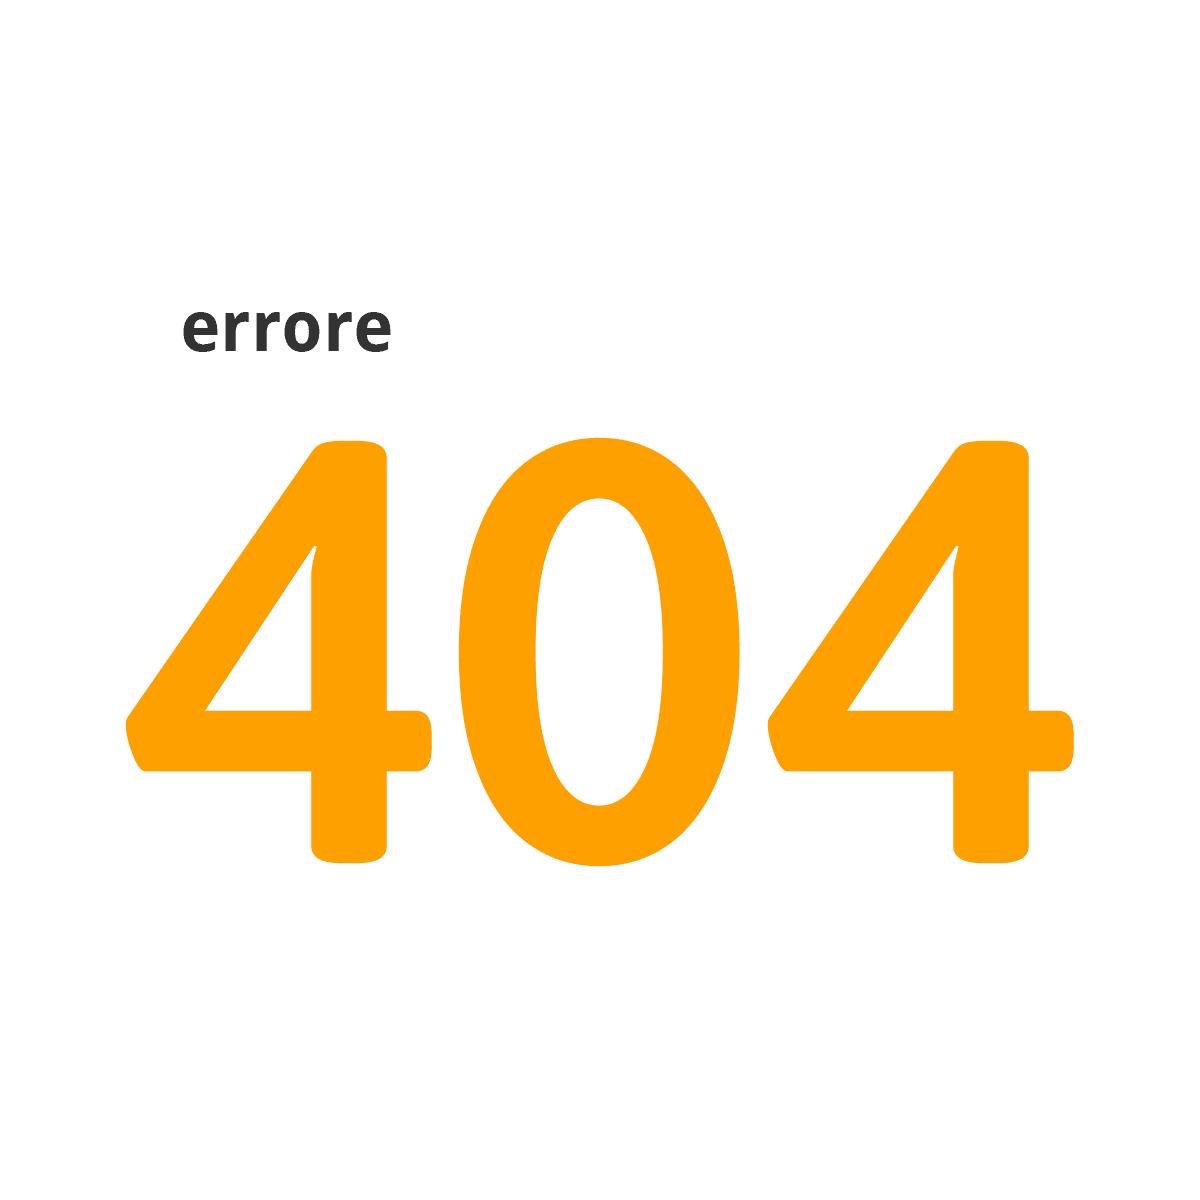 Errore 404, come risolverlo